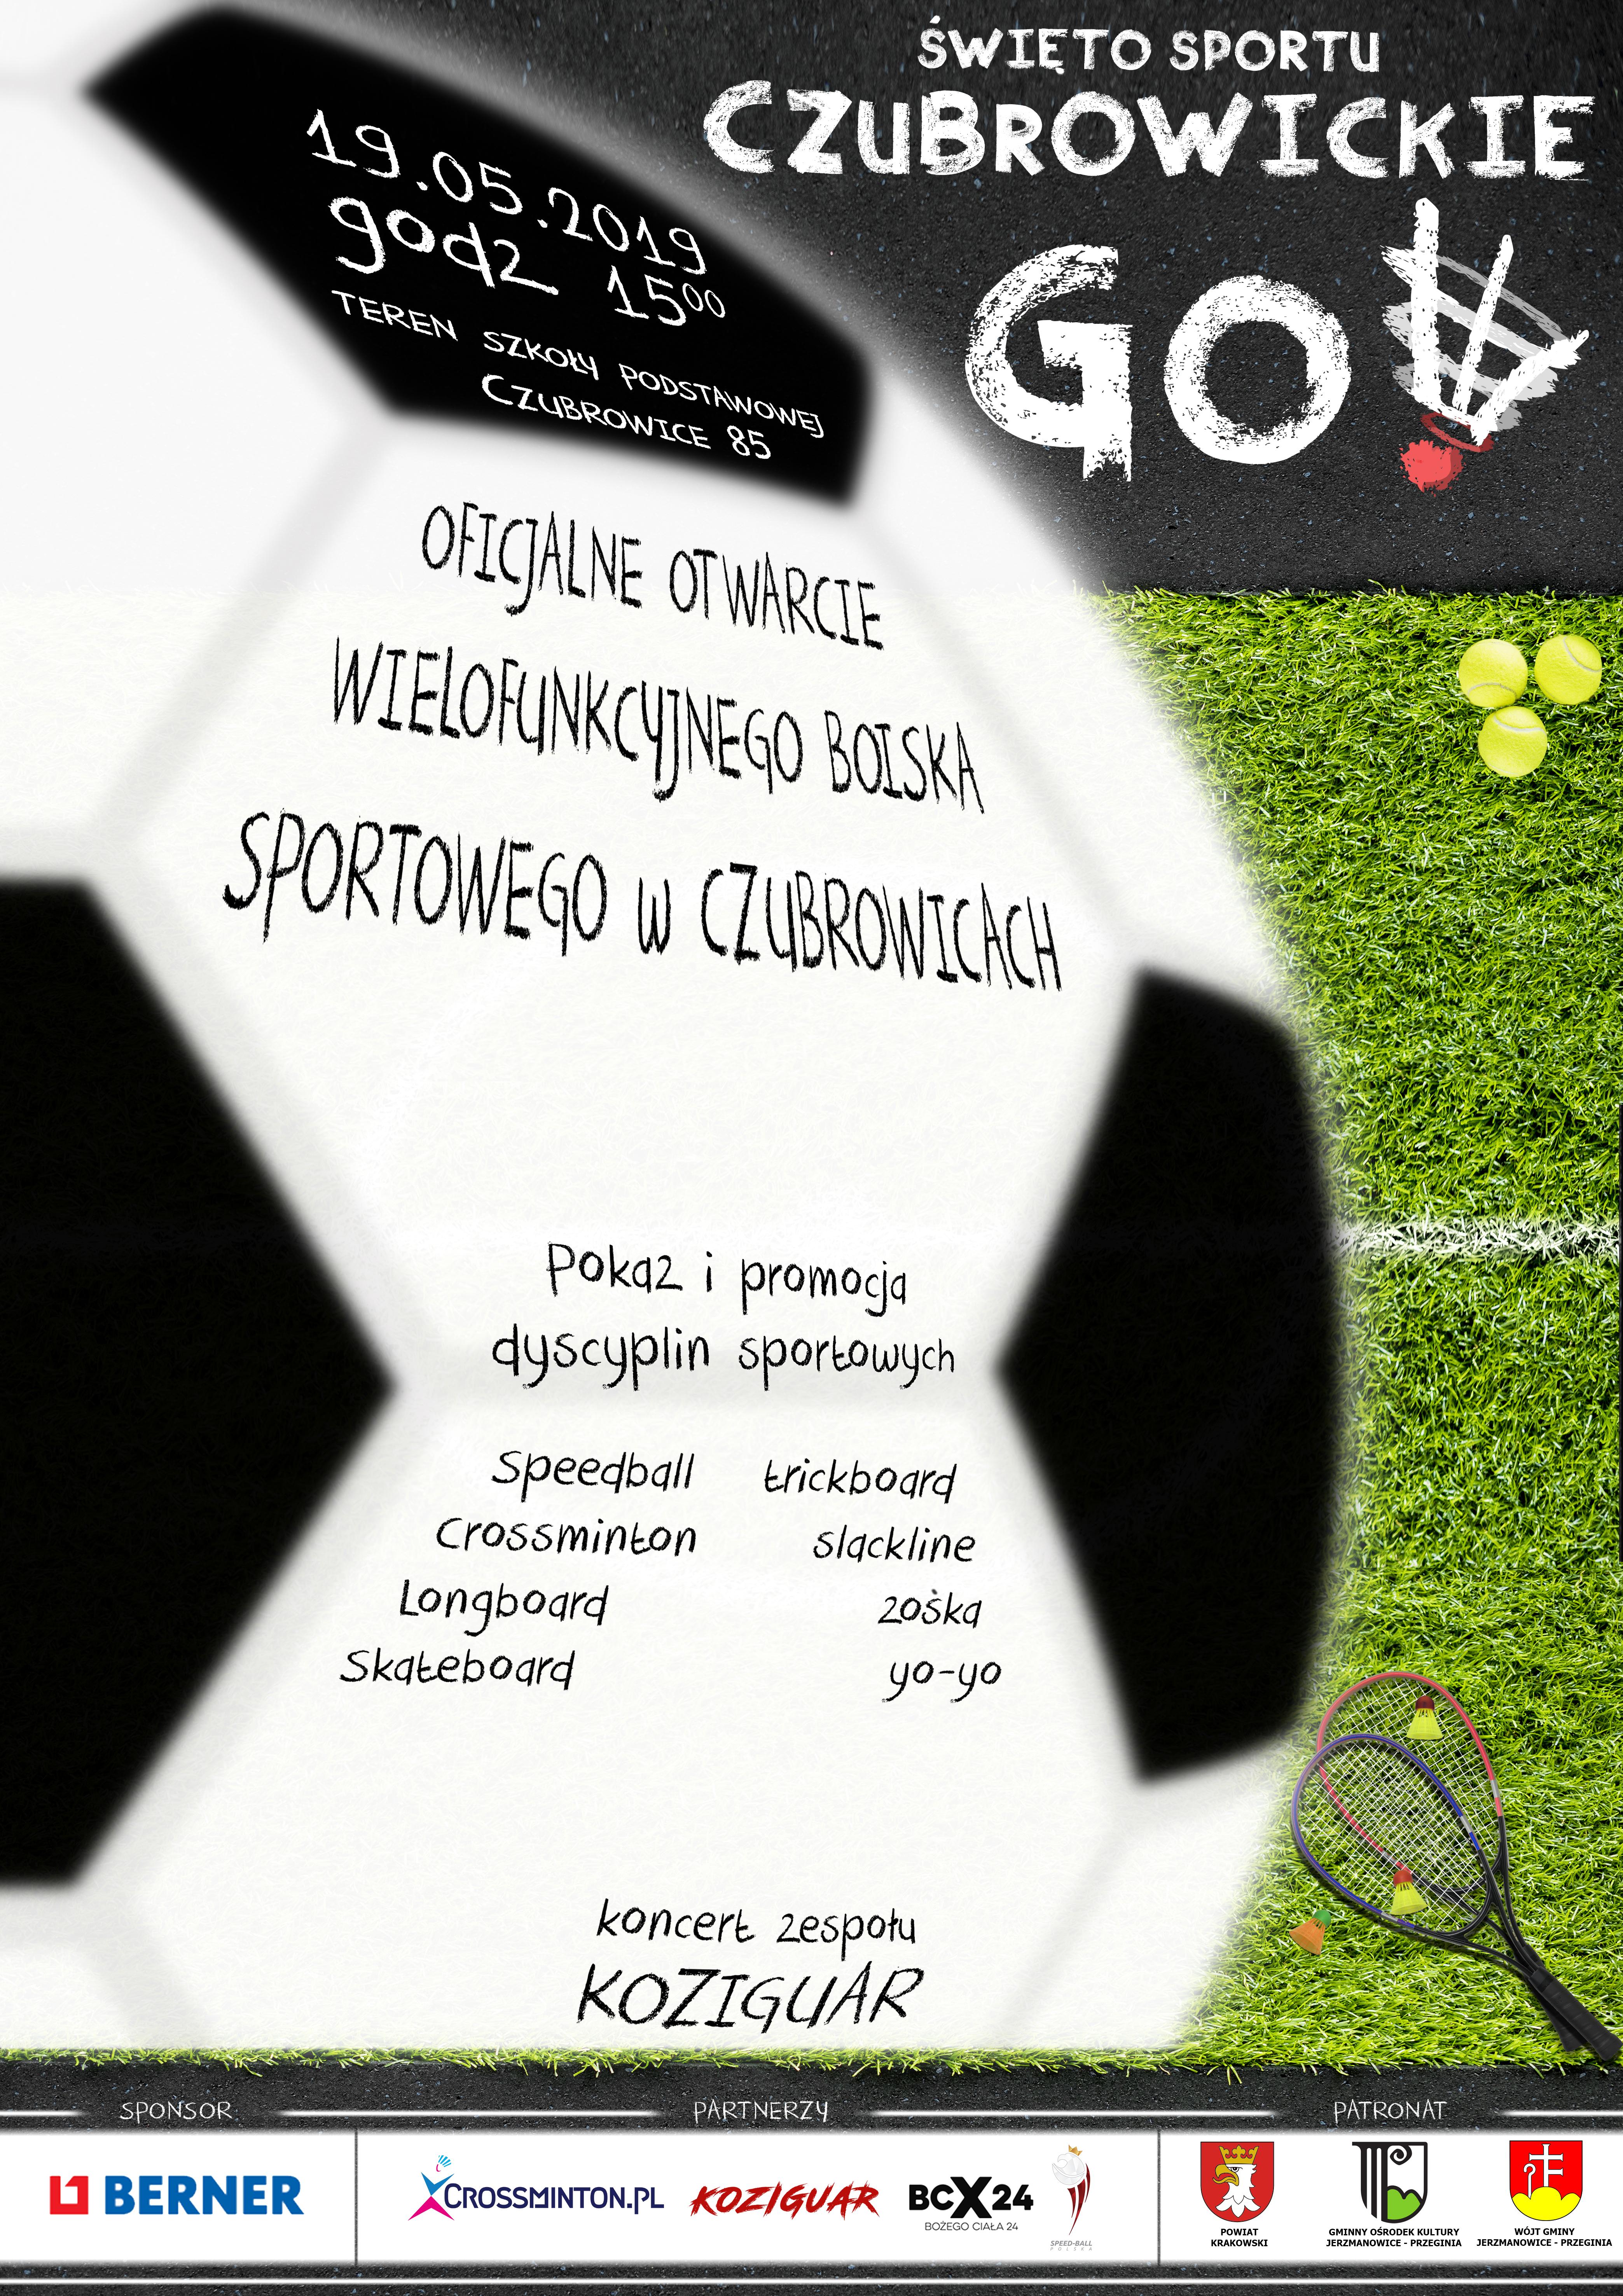 Święto Sportu Czubrowickiego! @ Szkoła Podstawowa w Czubrowicach | Czubrowice | małopolskie | Polska